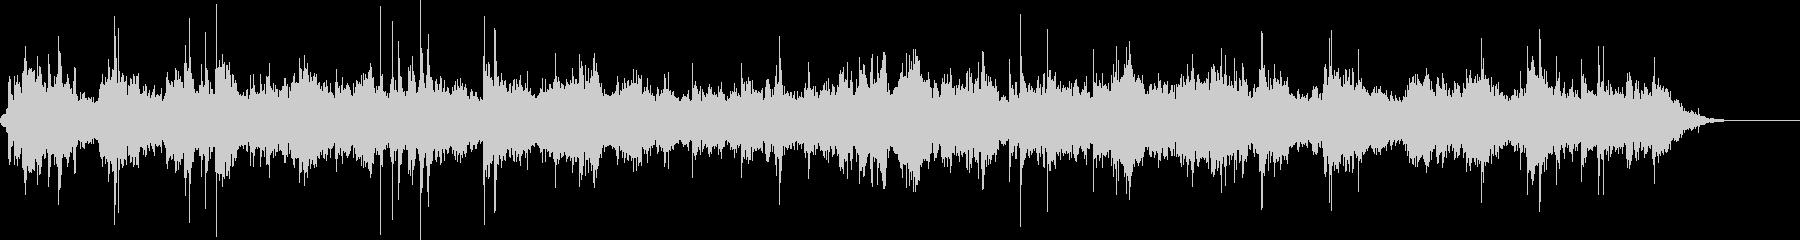 グイーーンガコンガコン(重機が動く音)の未再生の波形